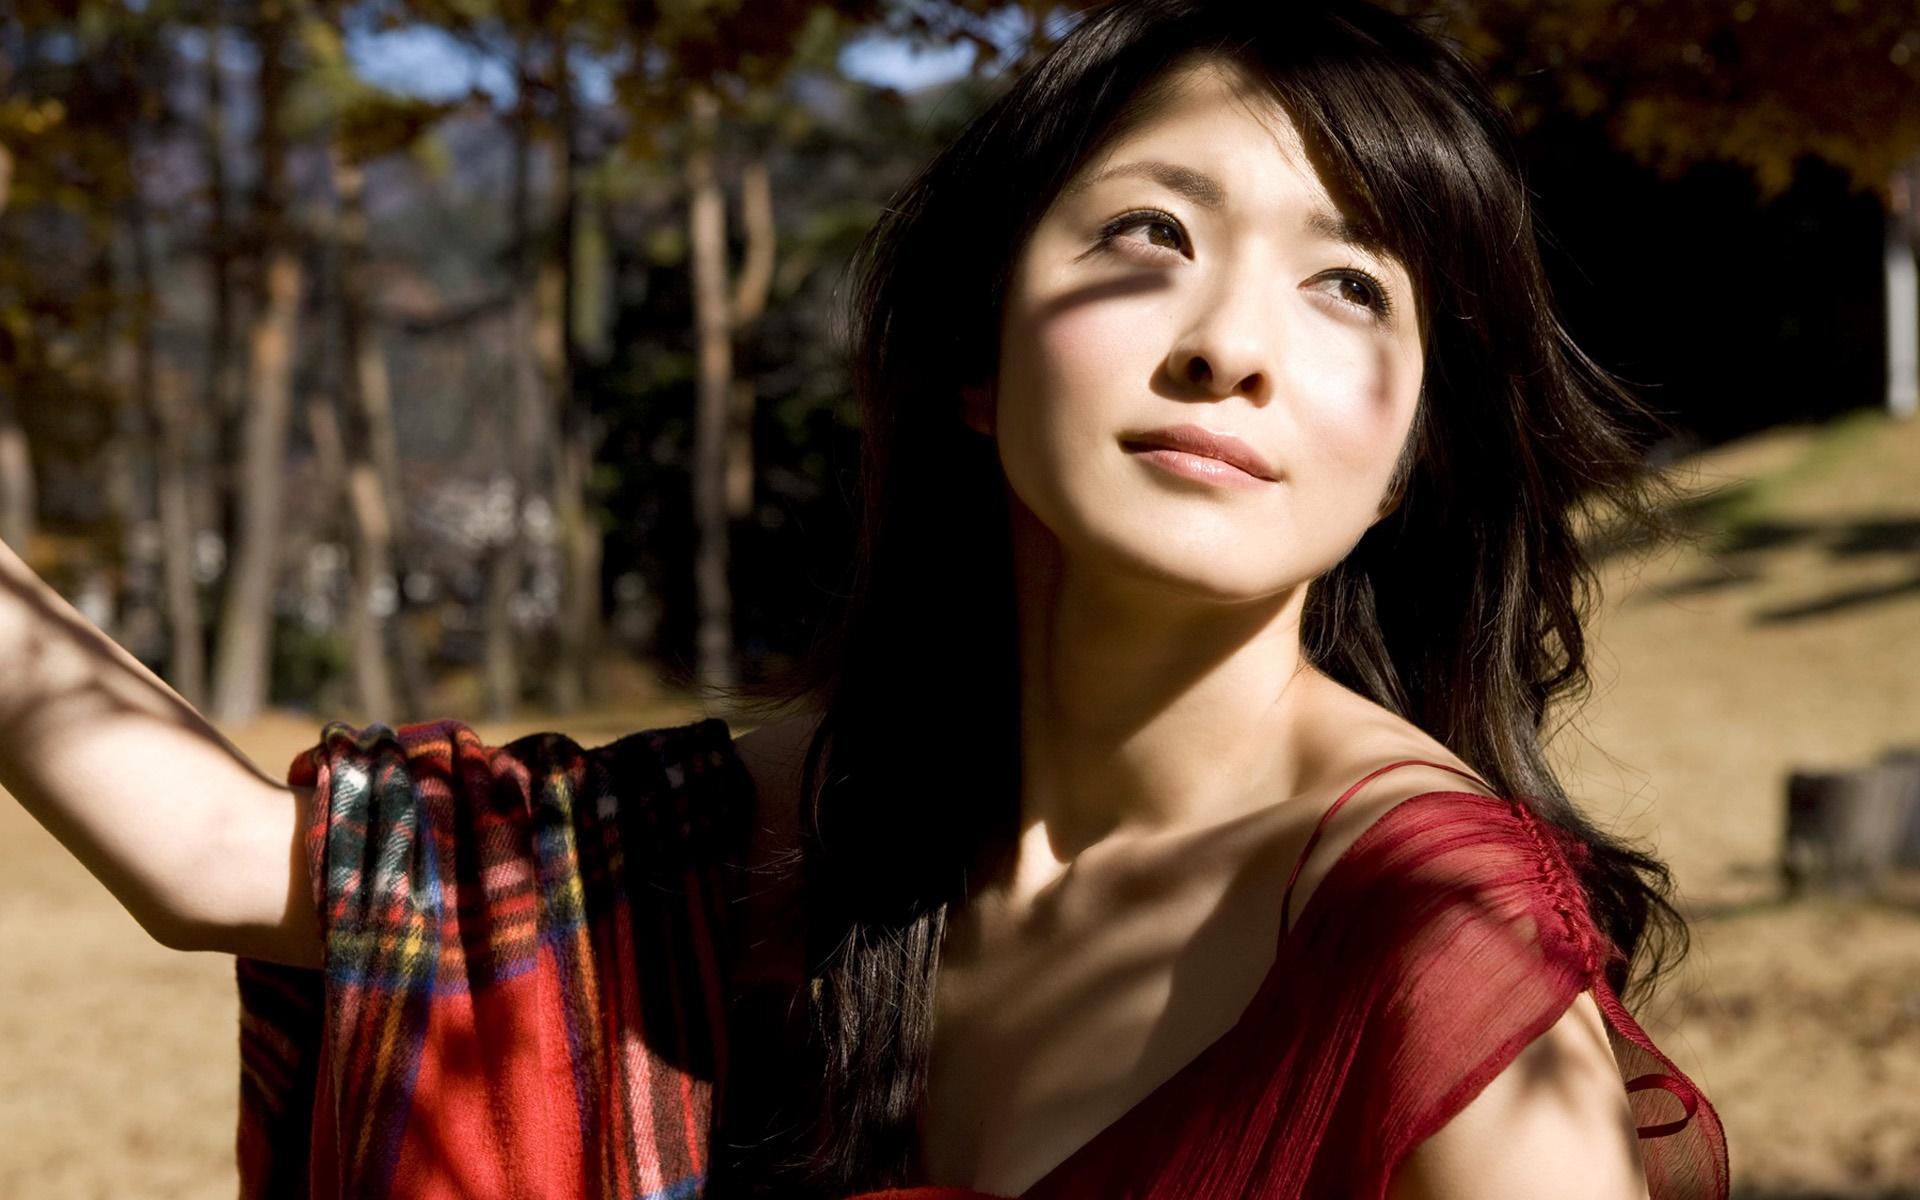 Смотреть бесплатно азиатские девушки, Молодые азиатки порно видео. Качественное бесплатное 3 фотография